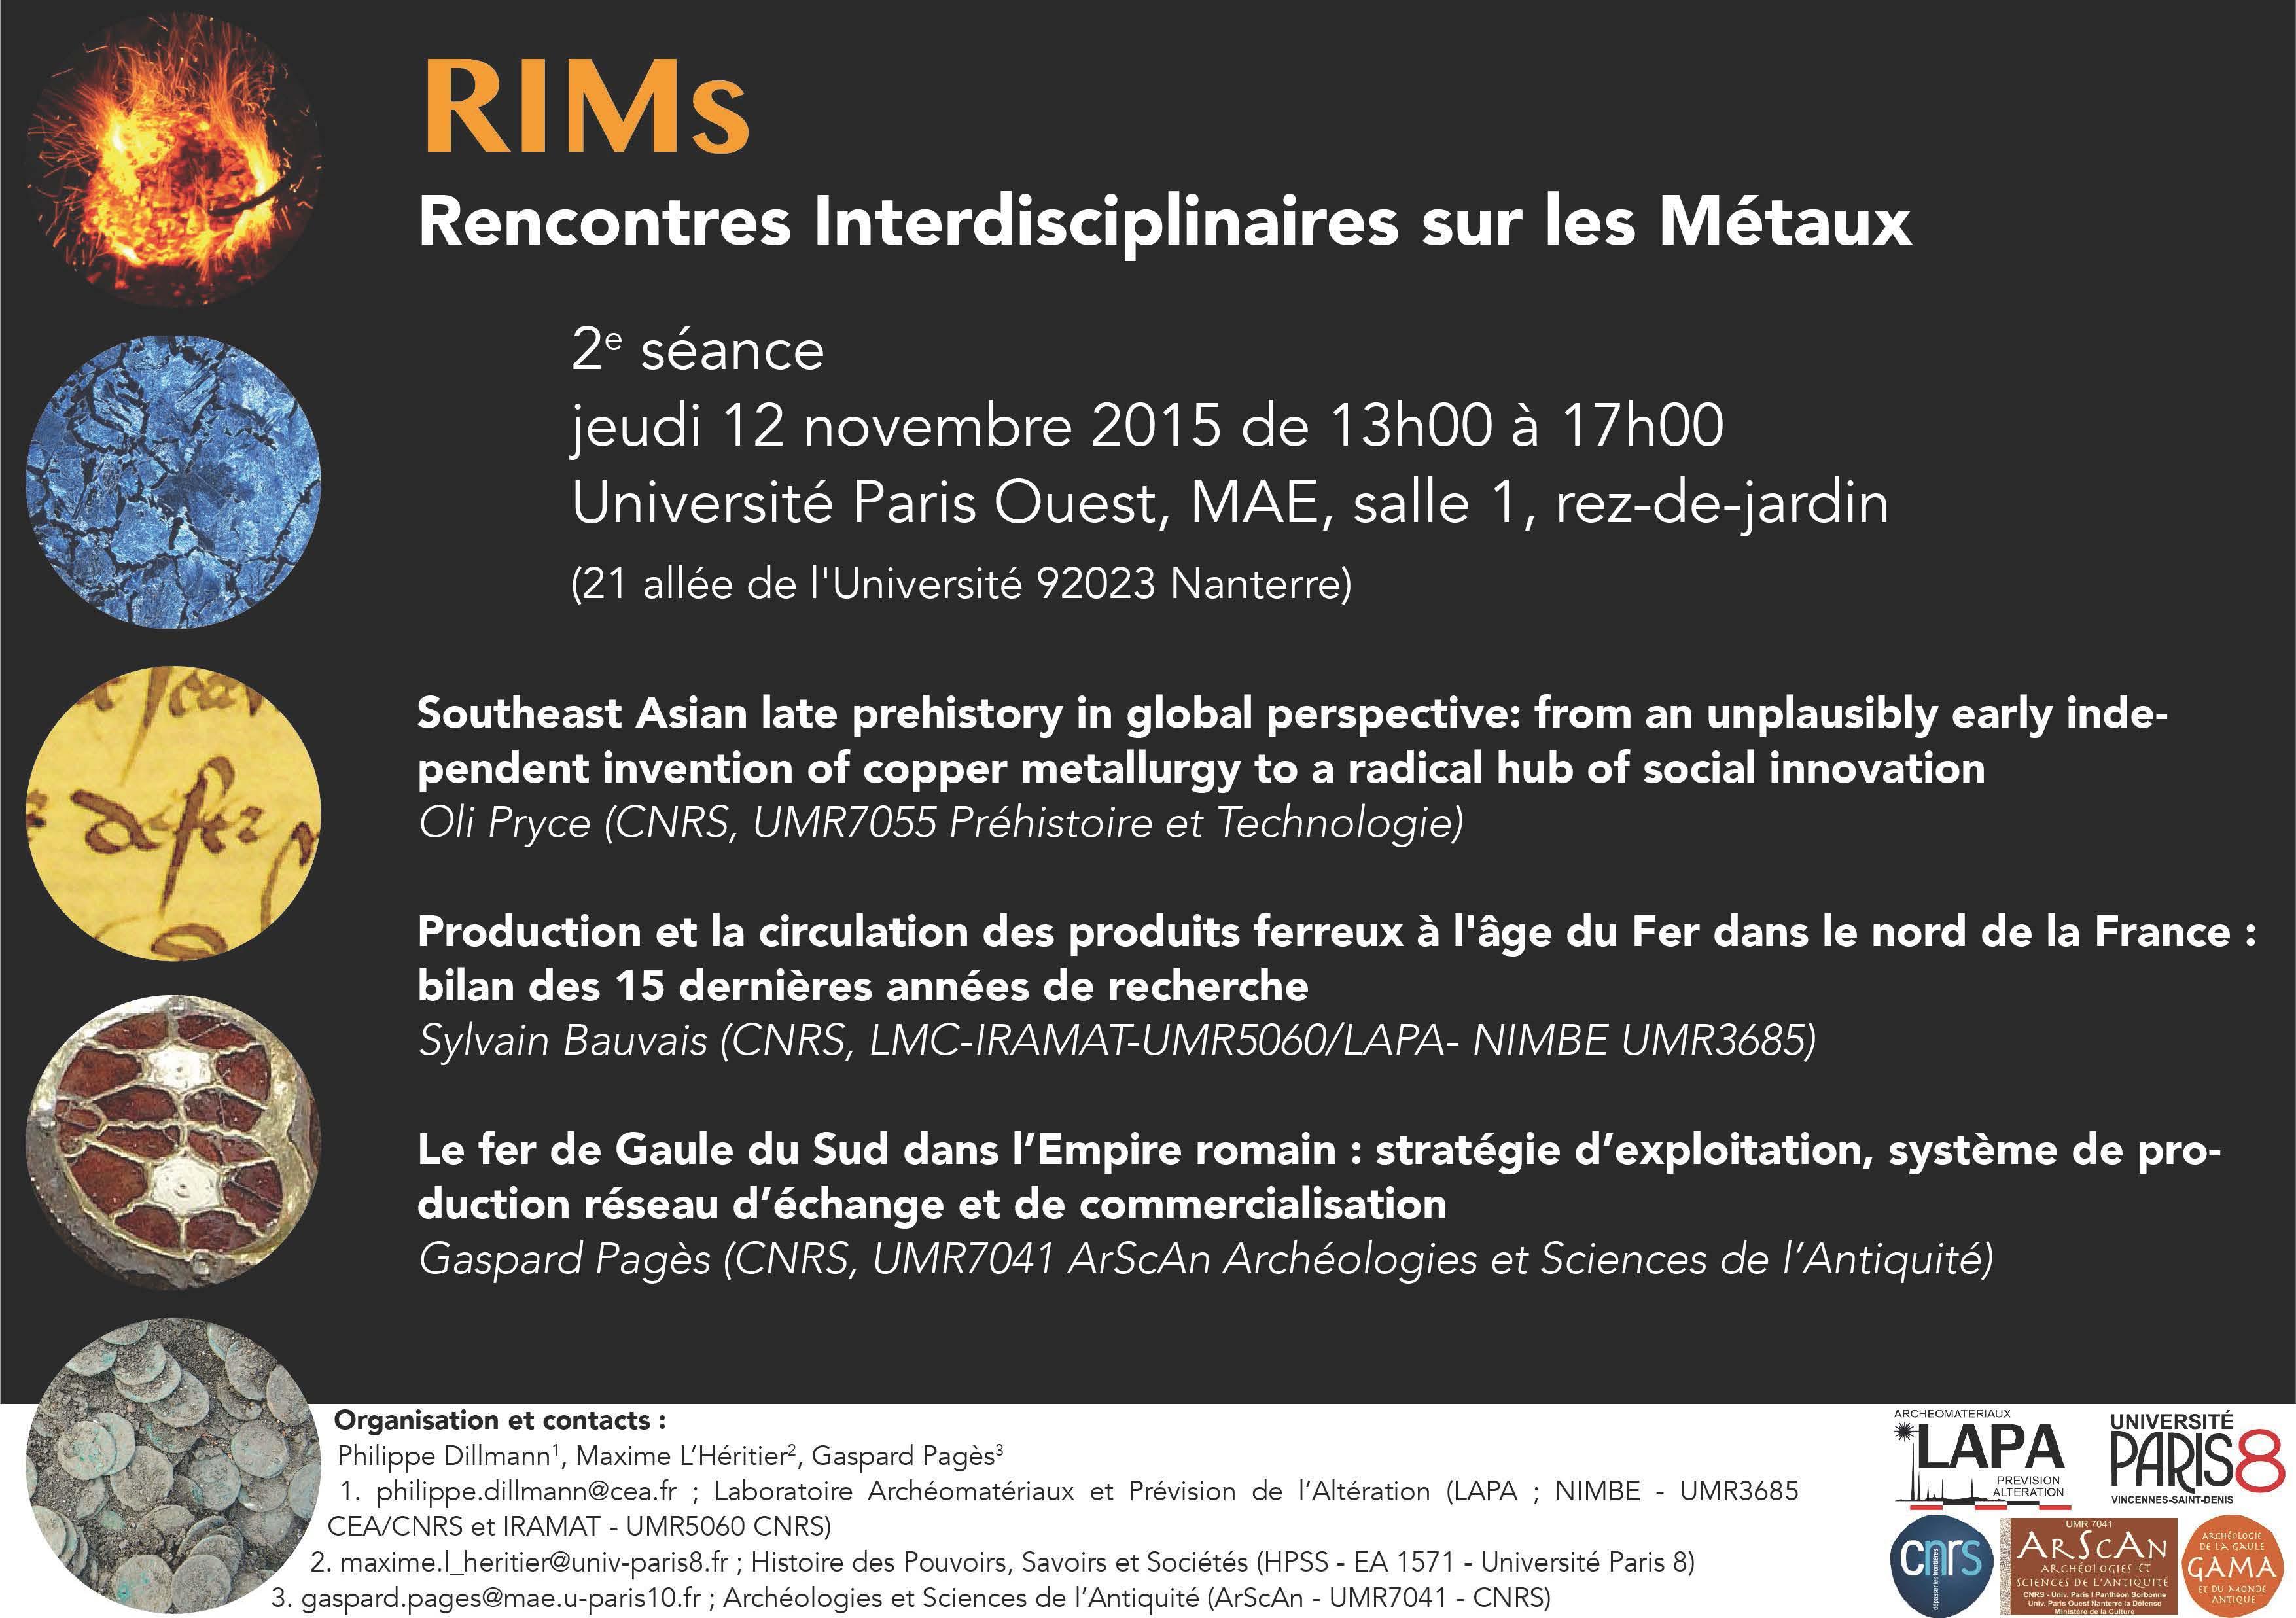 ... 2e séance - Centre de recherches historiques de l'université Paris 8